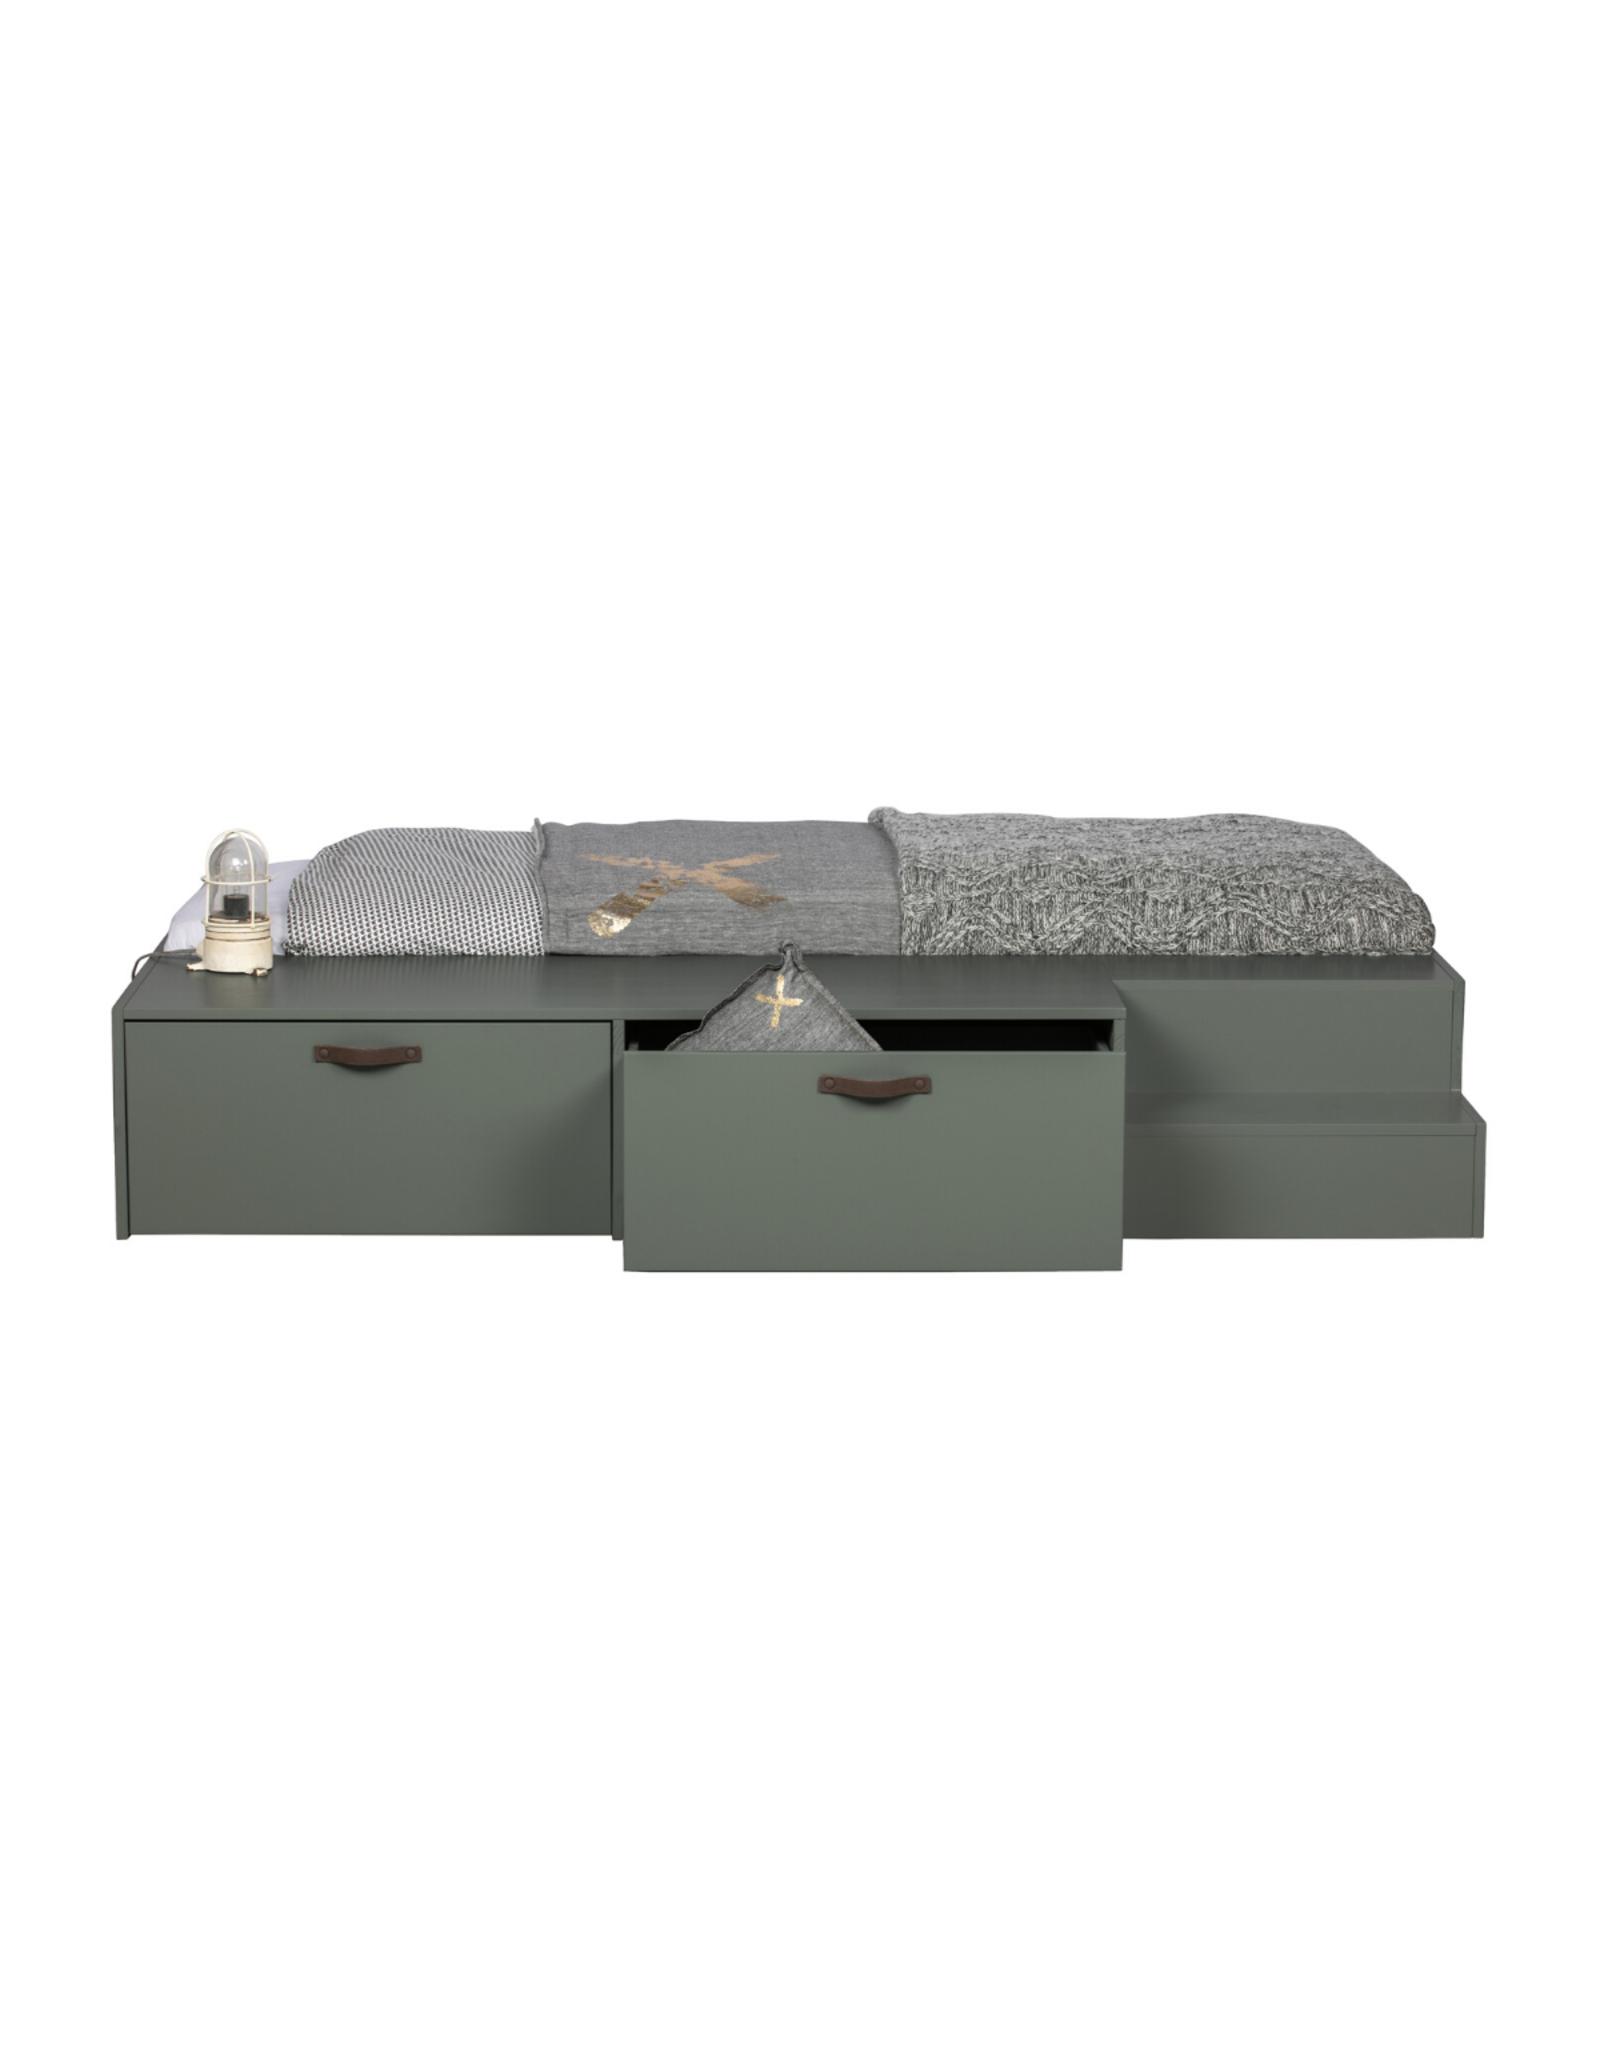 Bed mosgroen incl. lades - 80 x 200 cm